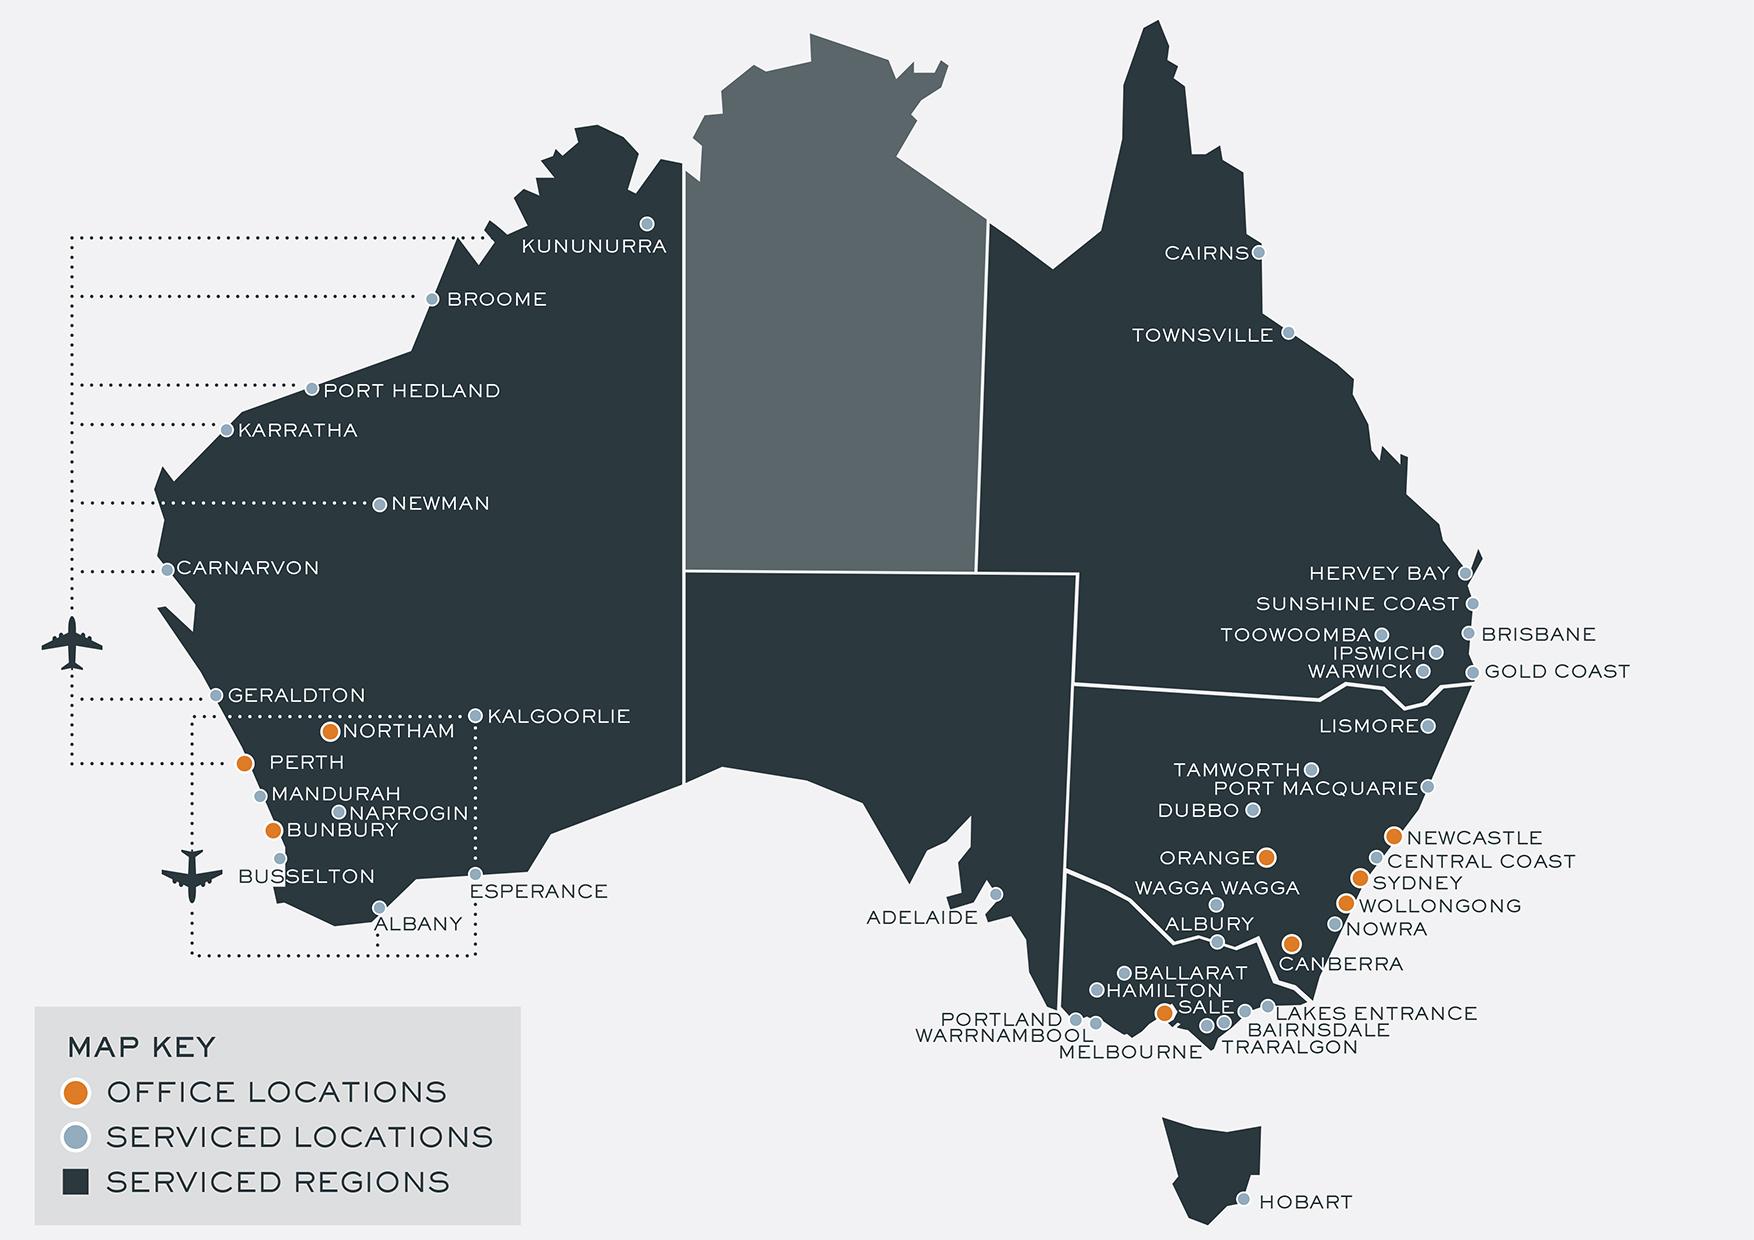 WorkFocus Australia Regional Services Map